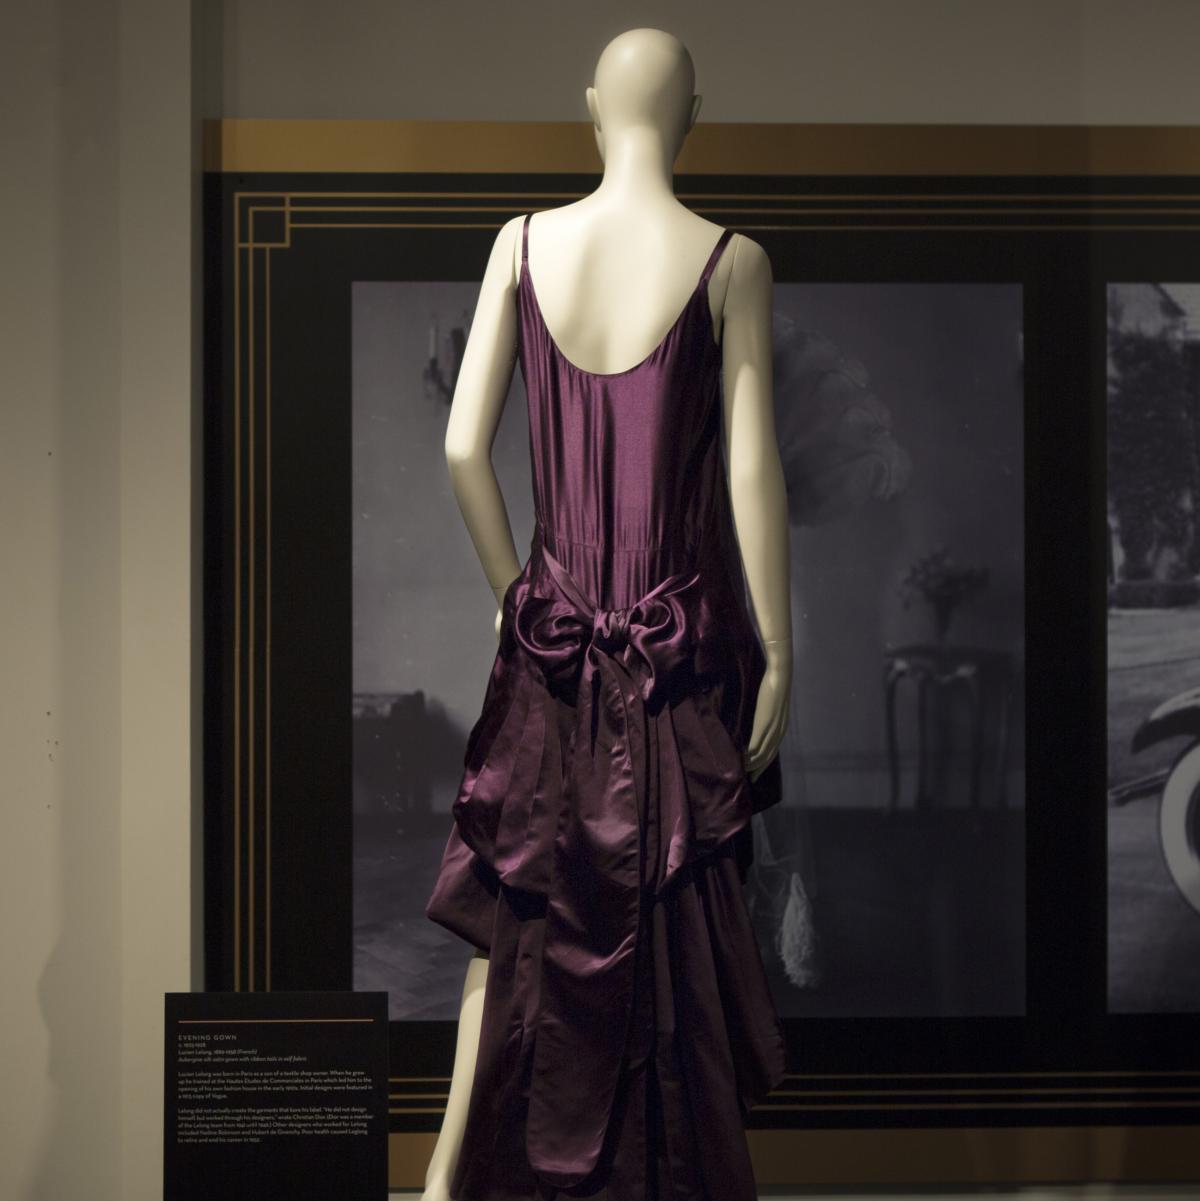 Galleria Dallas Decadence exhibit